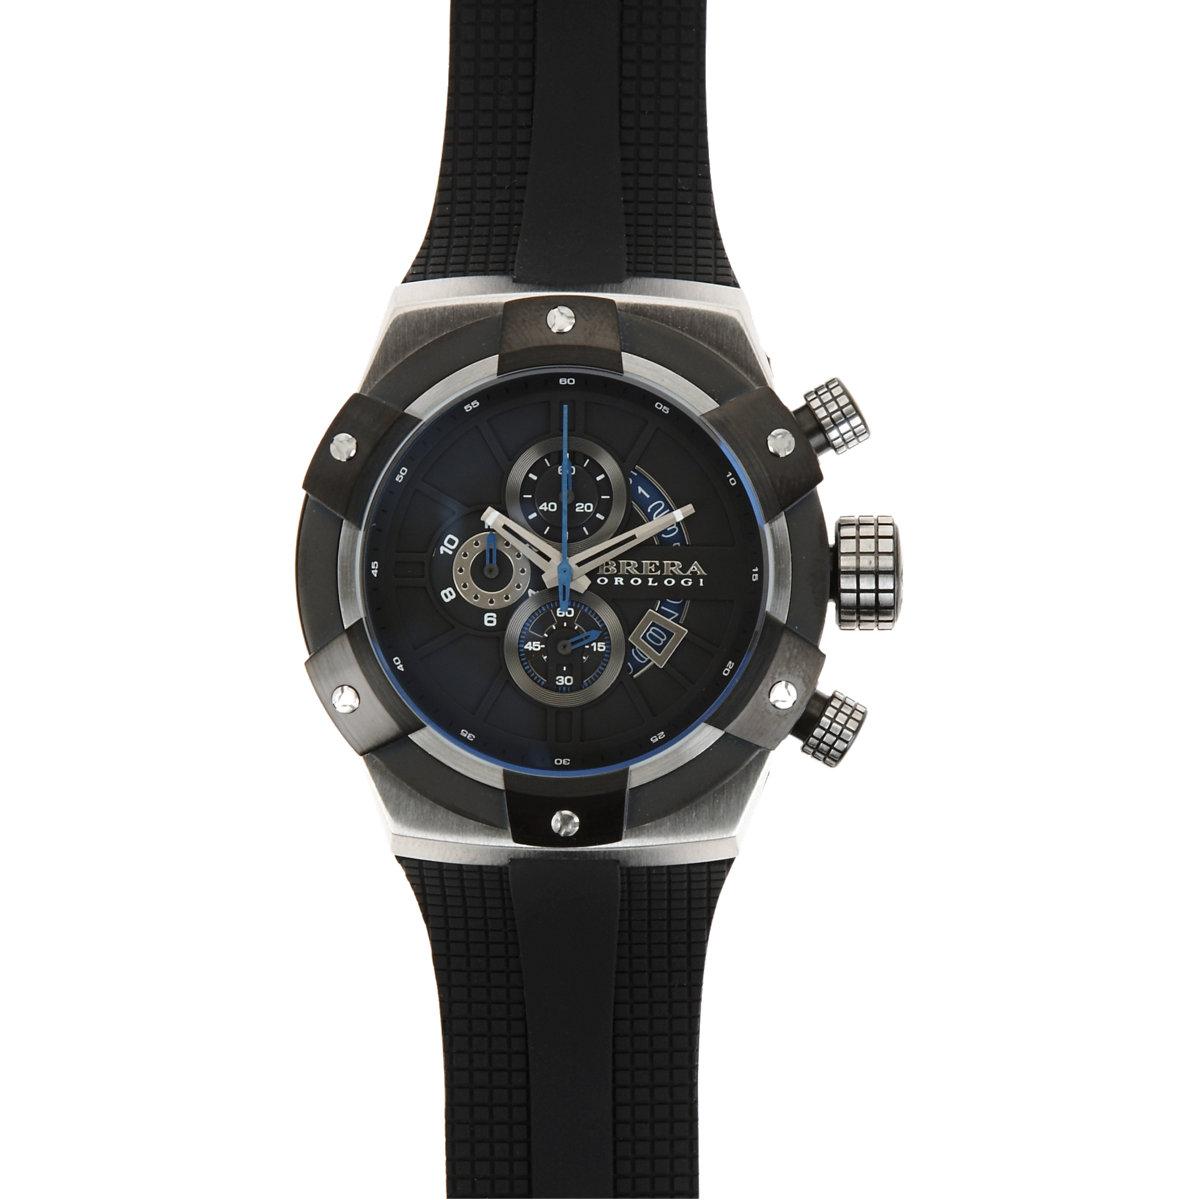 brera orologi s supersportivo in black for